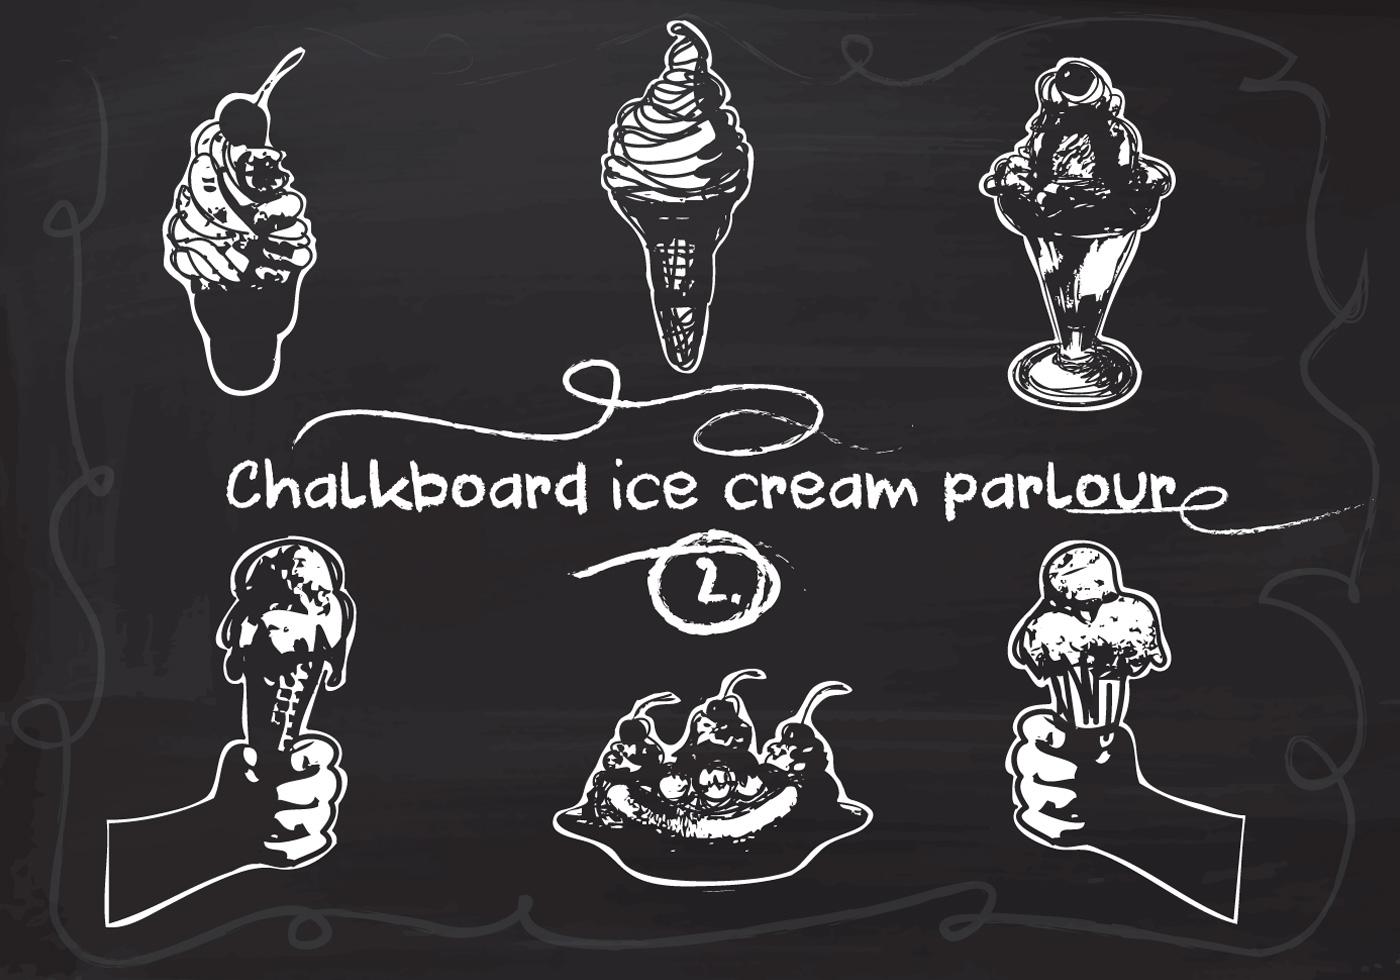 冰淇淋卡通 免費下載 | 天天瘋後製